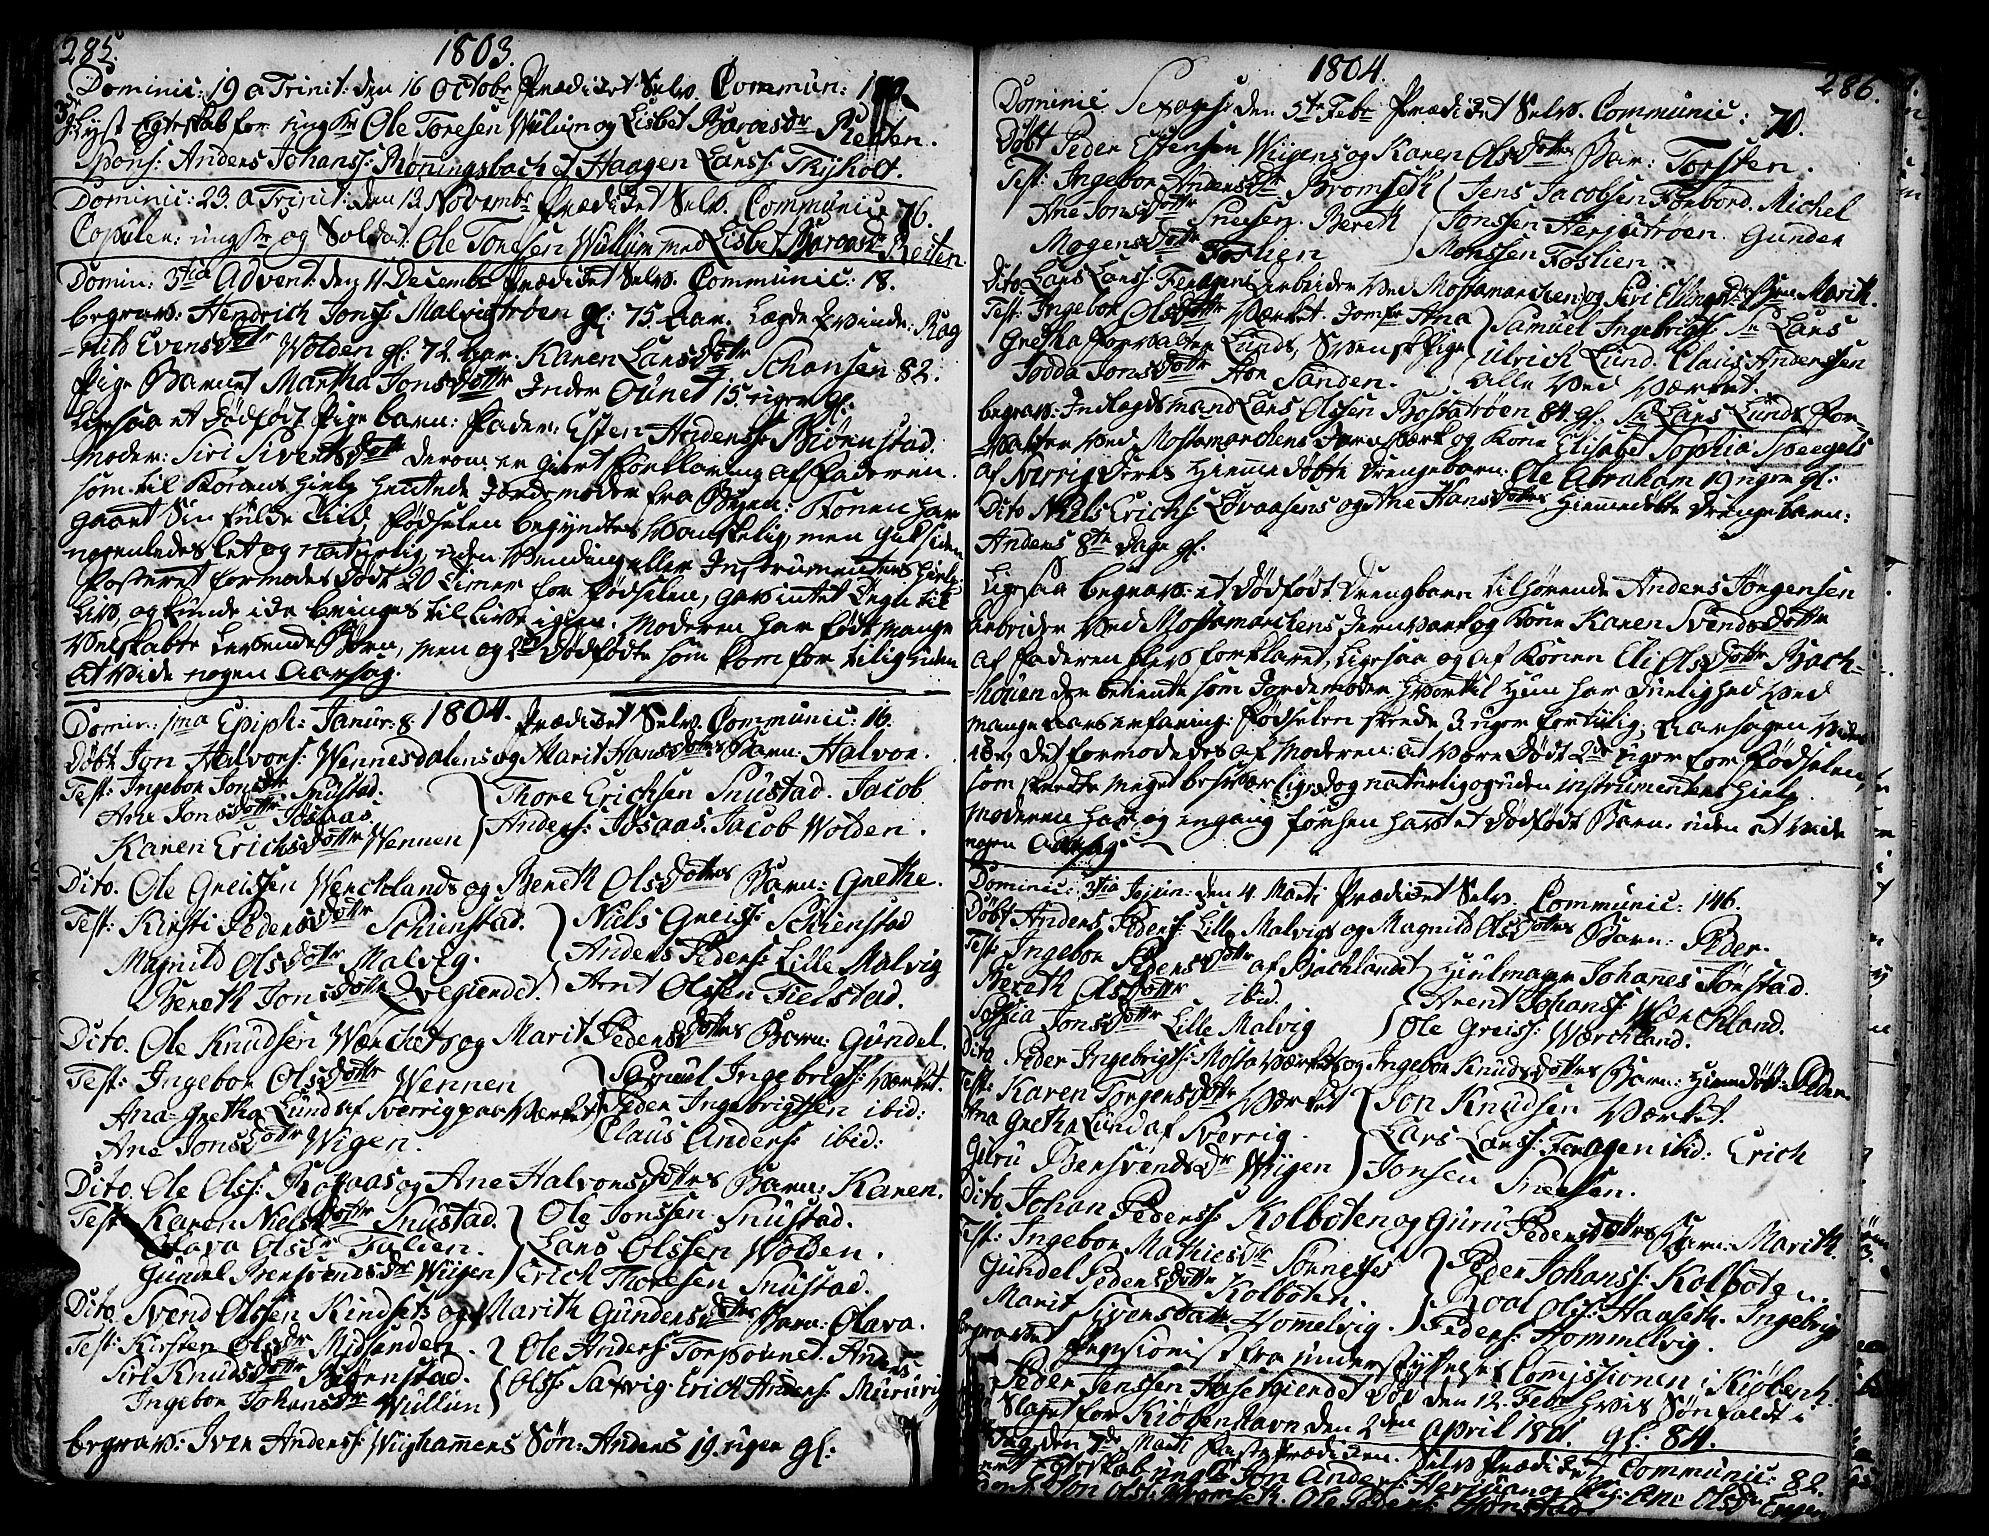 SAT, Ministerialprotokoller, klokkerbøker og fødselsregistre - Sør-Trøndelag, 606/L0281: Ministerialbok nr. 606A02 /2, 1781-1817, s. 285-286